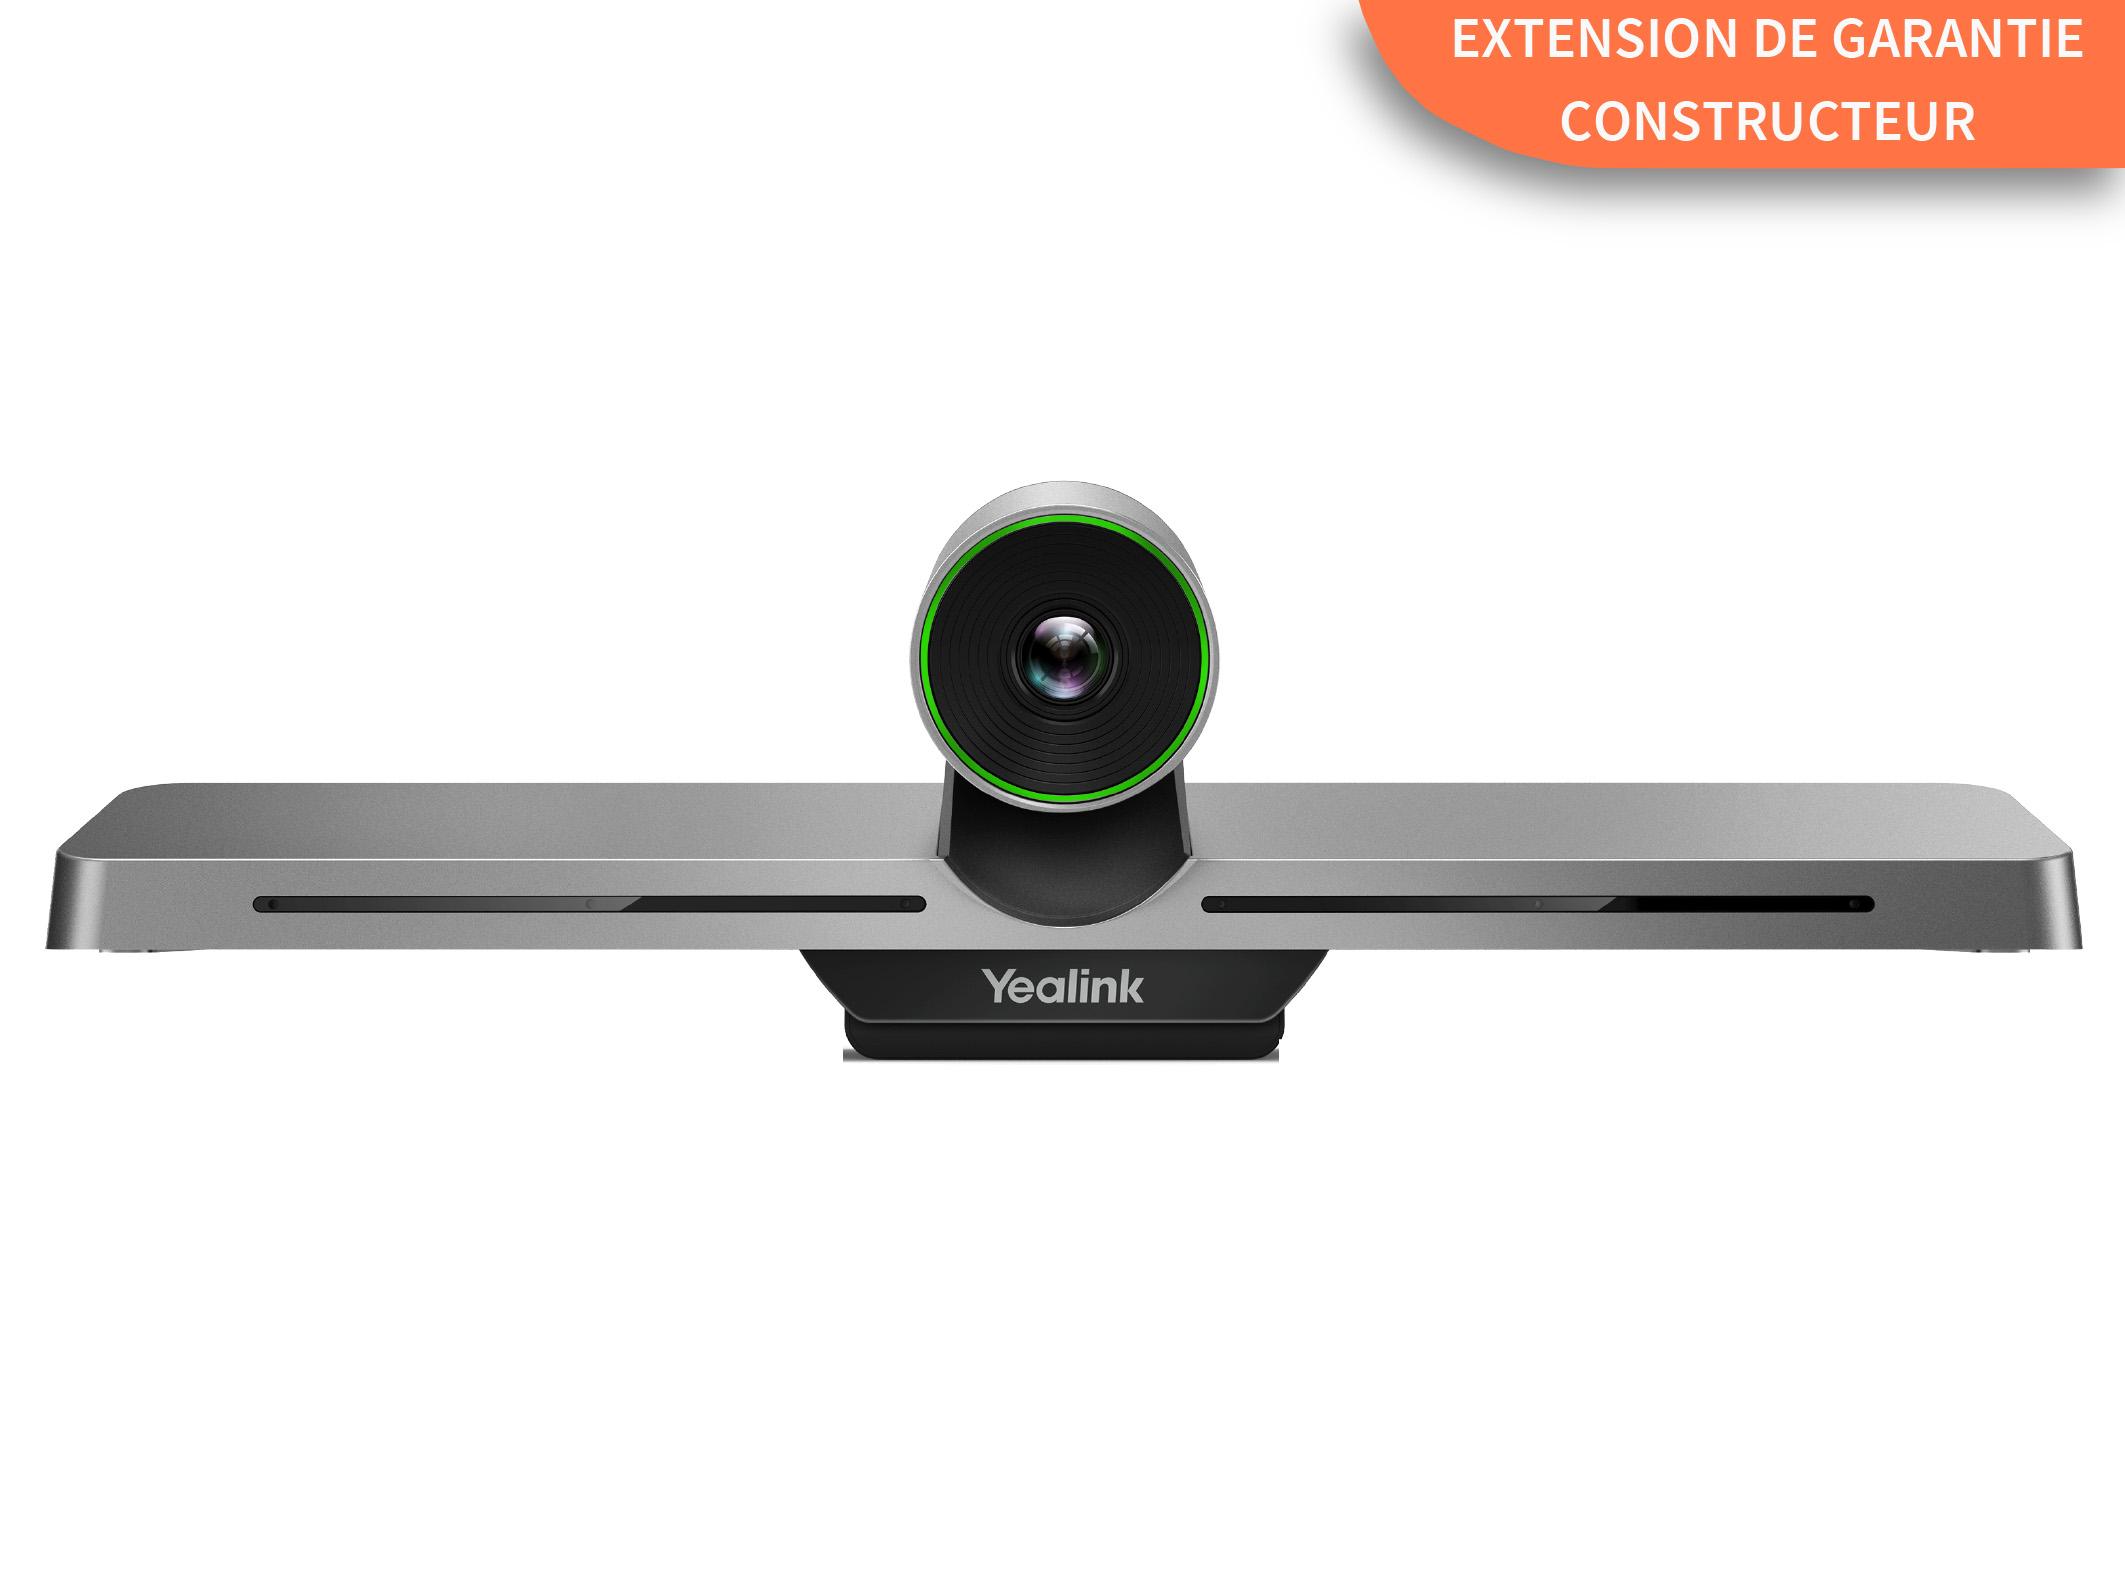 Extension de garantie Yealink à 3 ans (2 1) pour VC200